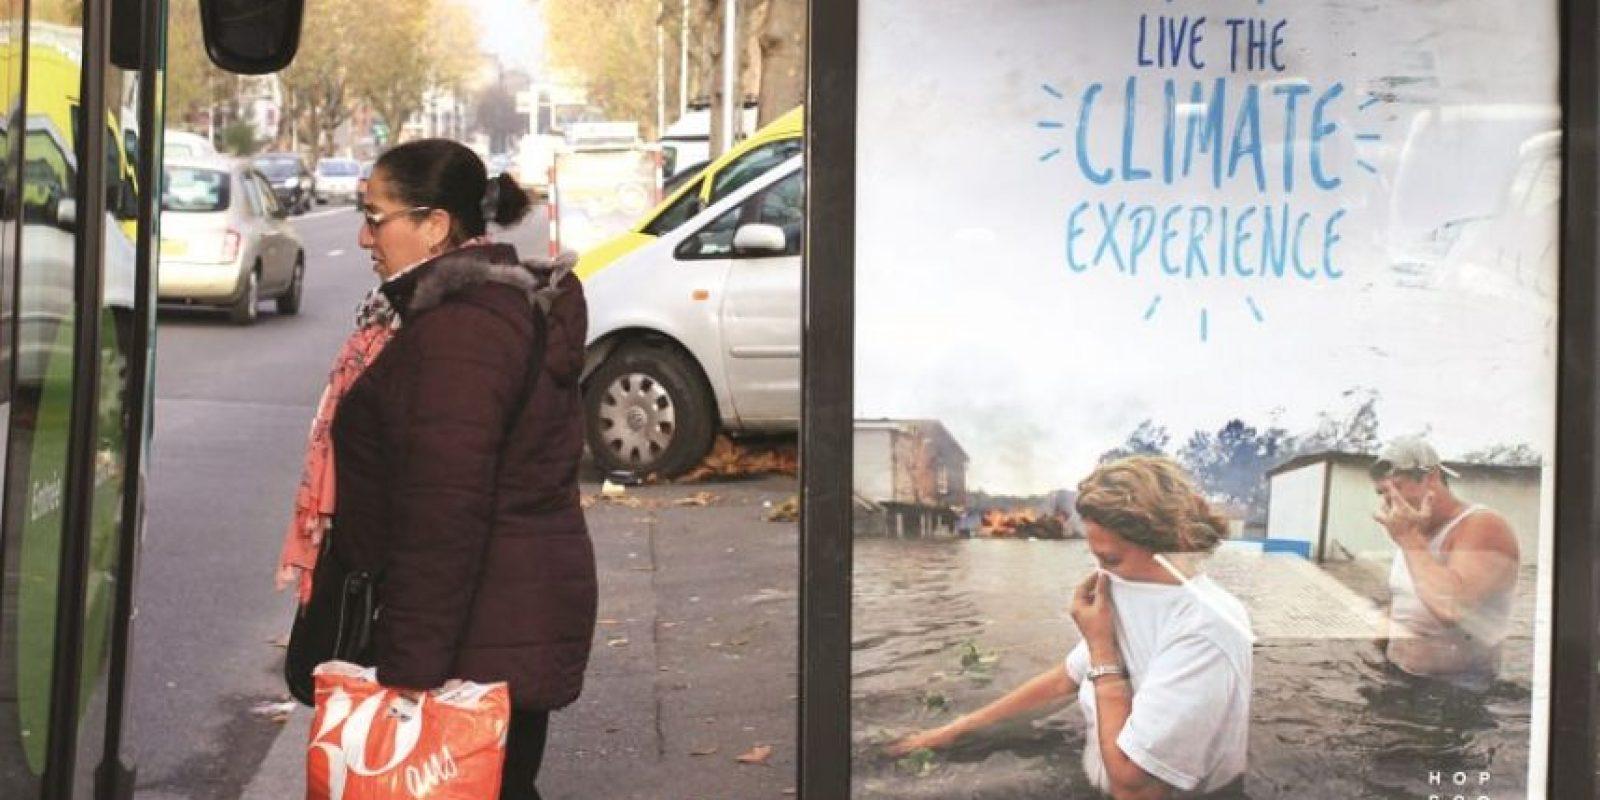 """Bill Posters. Disfruta todo lo que el calentamiento global puede ofrecerte(!)Bill Posters, artista callejero y fundador del movimiento """"brandalista"""", ha producido muchas piezas artísticas para la campaña de París, incluyendo este cartel que hace un llamado irónico a disfrutar de los frutos del calentamiento global, como si fuese una experiencia turística exótica."""